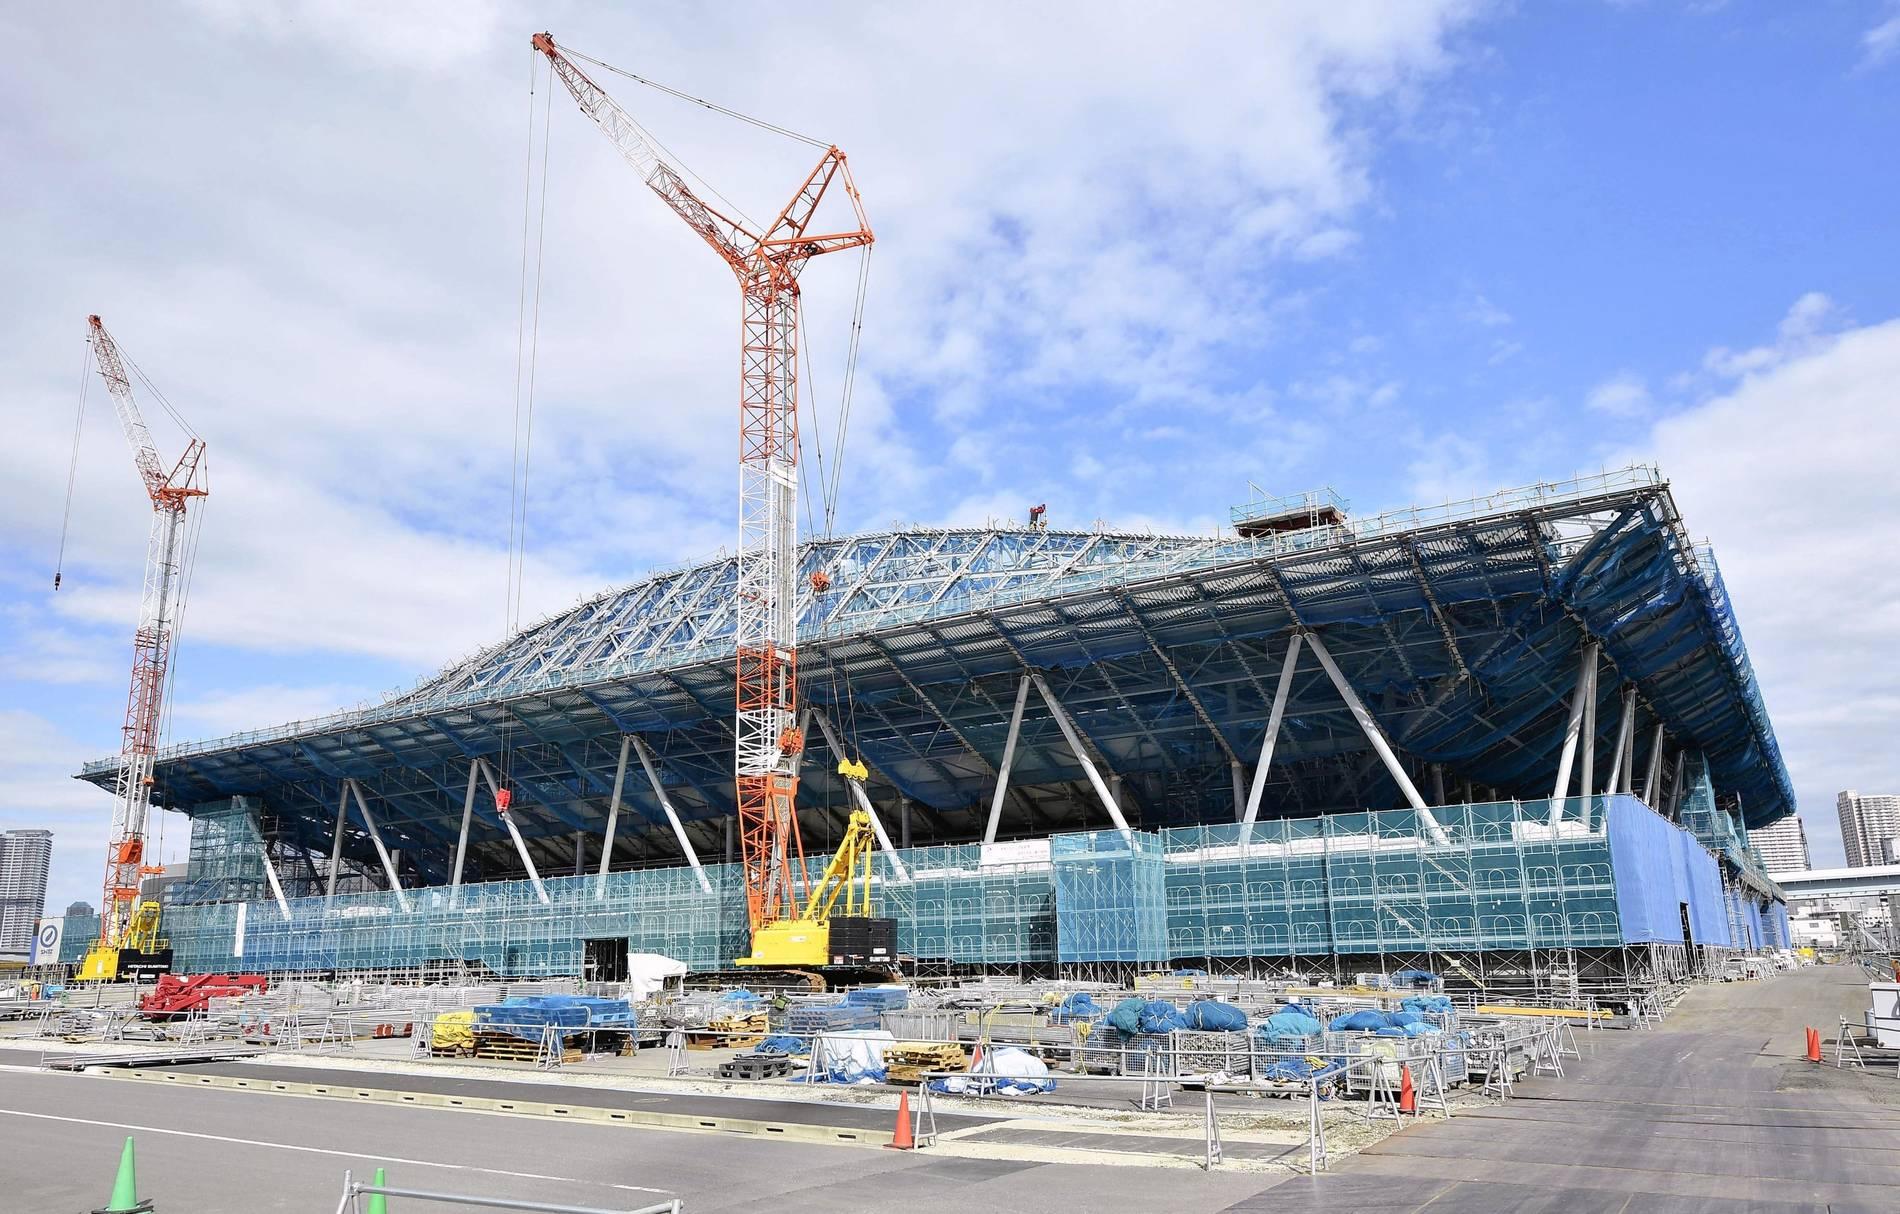 Olympische Spiele 2020 In Tokio 18 Milliarden Euro Teurer Als Angenommen